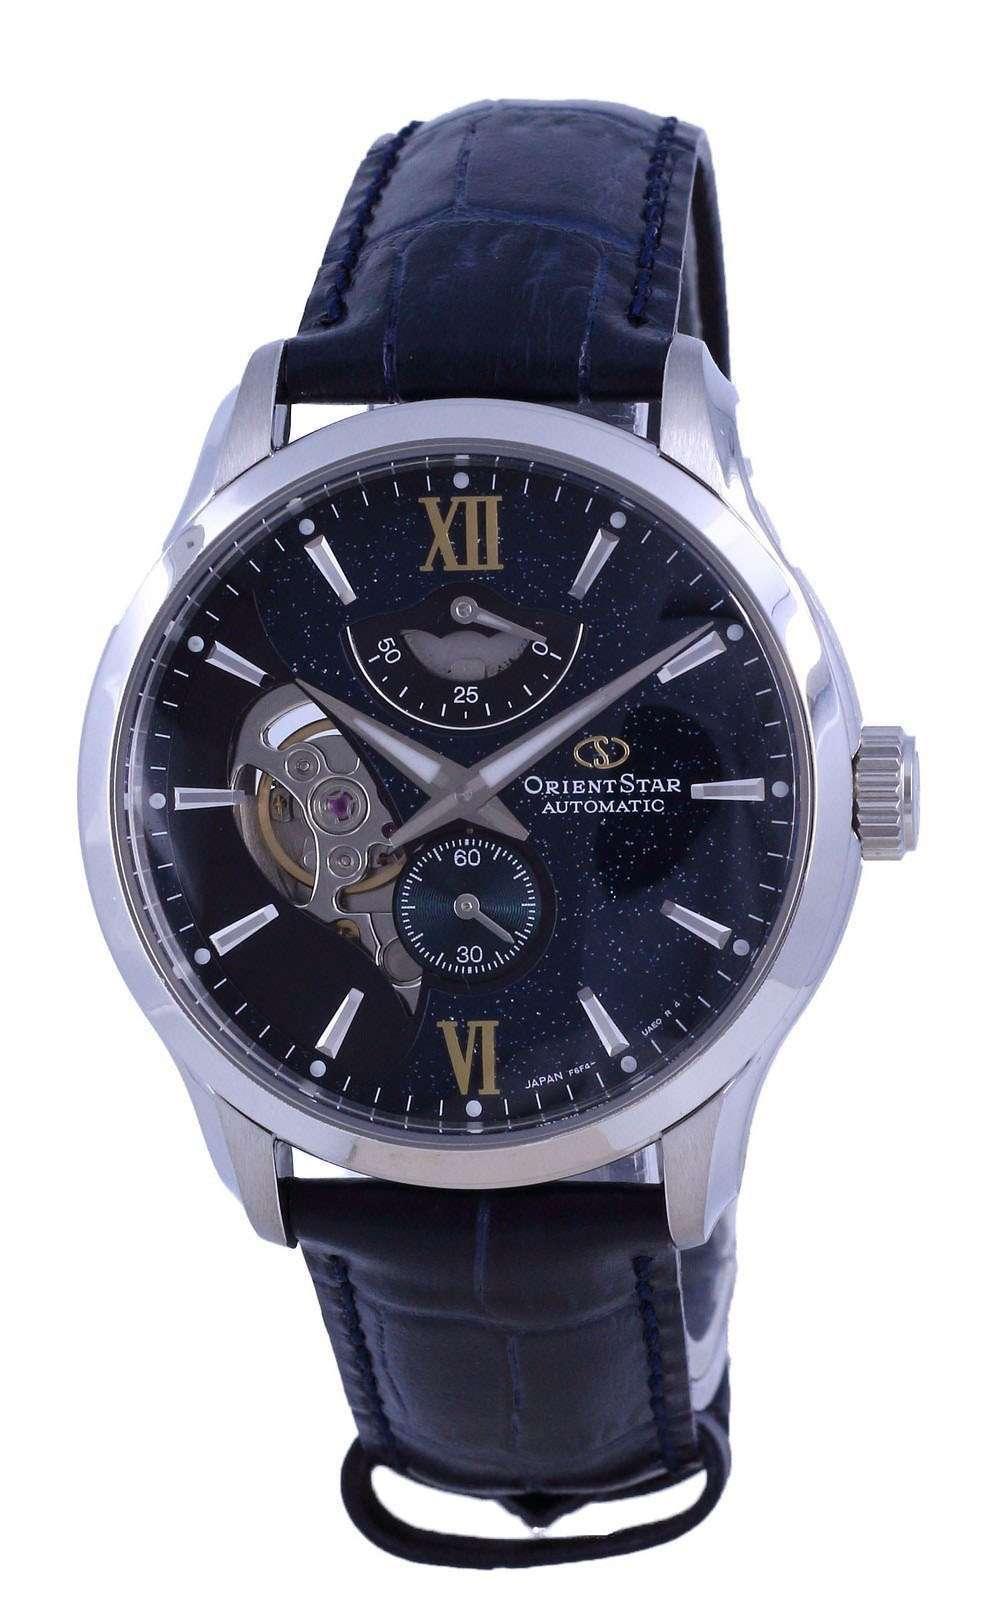 Orient Star Contemporary Edición limitada 70 Aniversario Open Heart Automatic RE-AV0B05E00B 100M Reloj para hombre